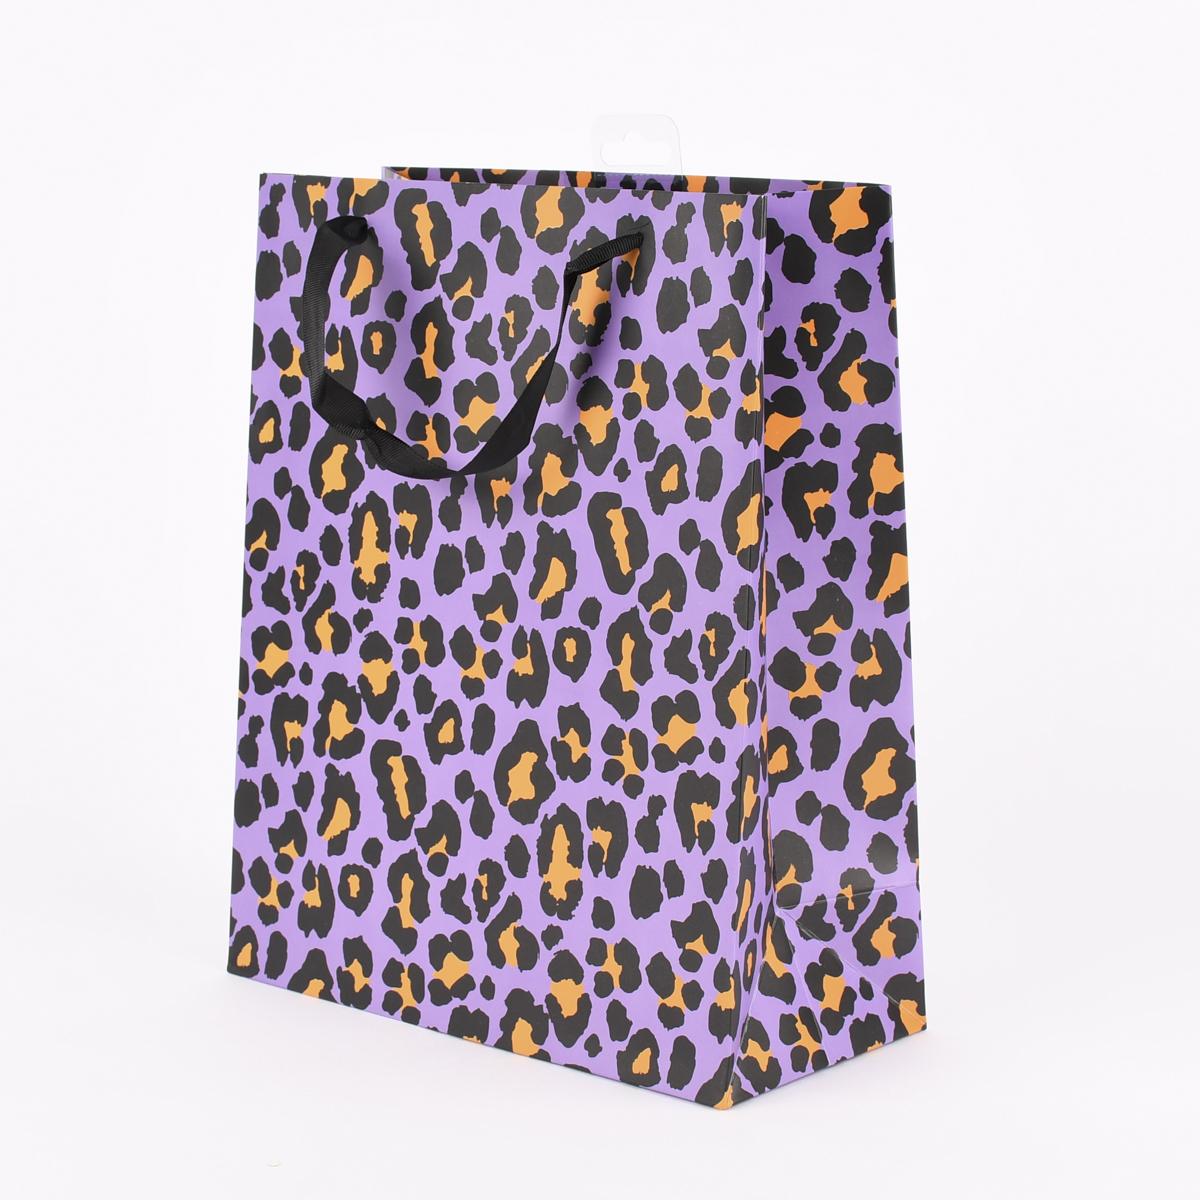 Rico Design Geschenktüte groß Leomuster lila schwarz orange  26x32x12cm